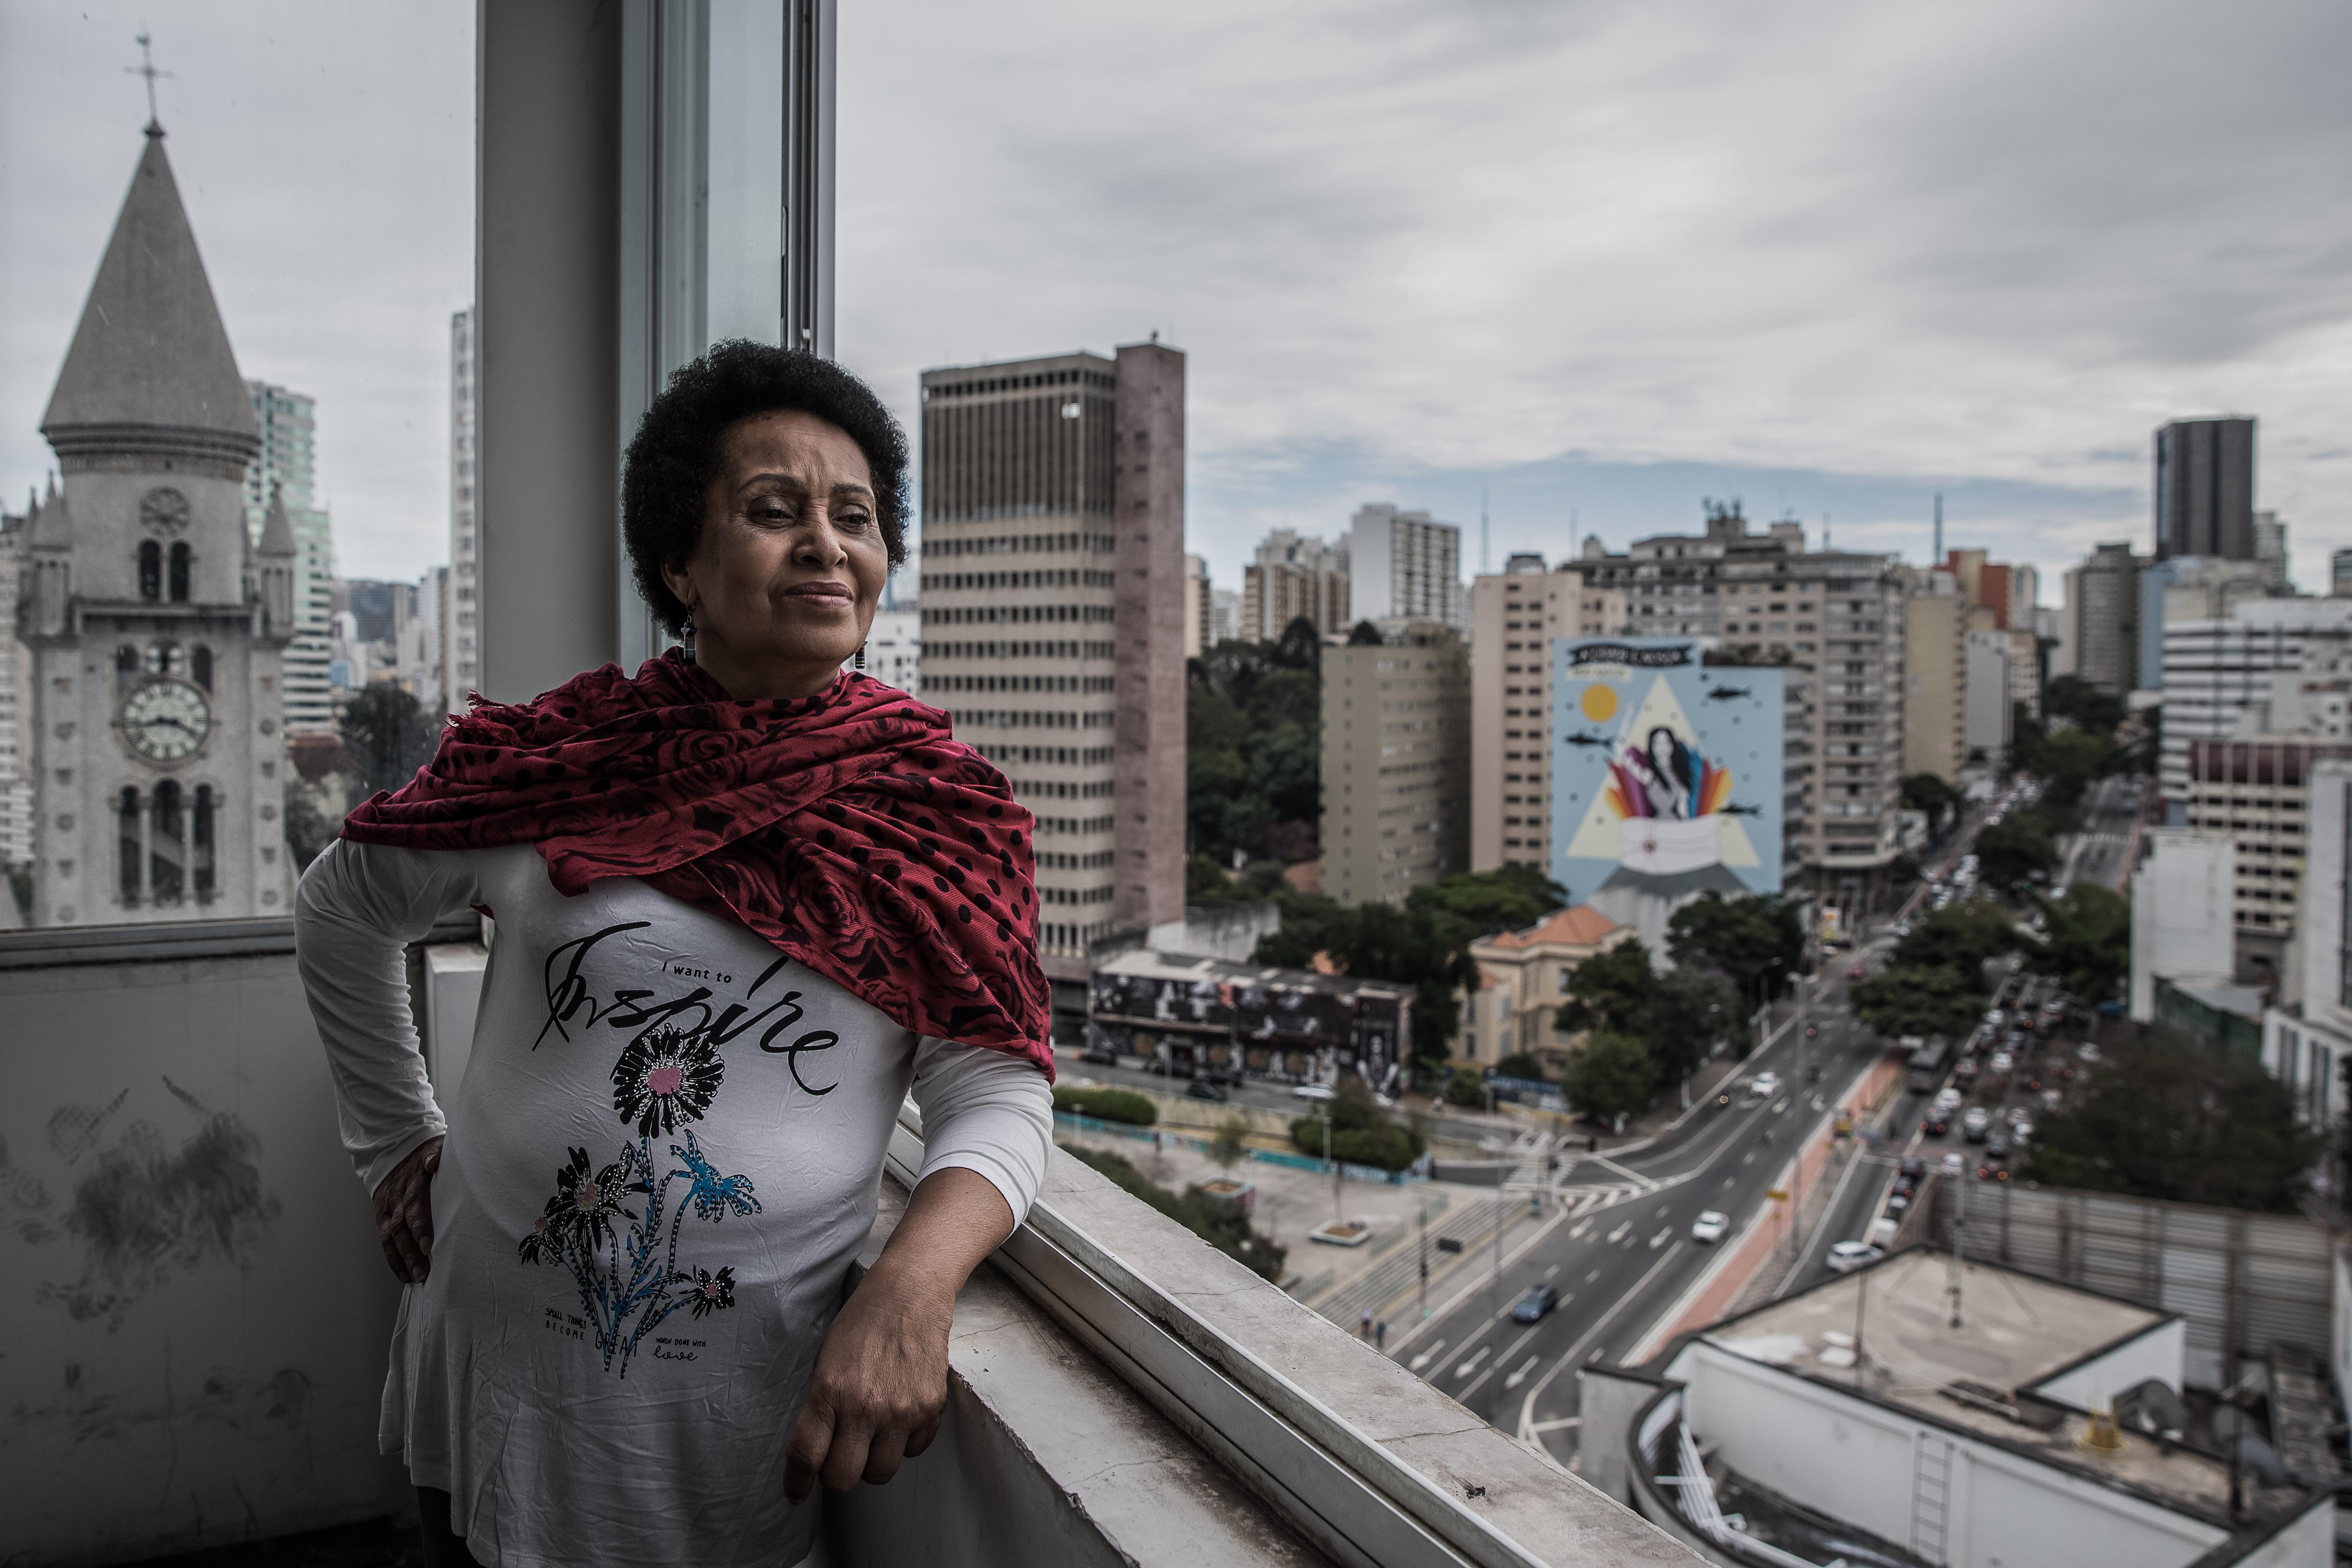 Carmen olha a cidade ciente de que é possível, sim, destinar imóveis desocupados no Centro para quem não tem onde morar (Foto: Daniela Moura/Mídia Ninja)